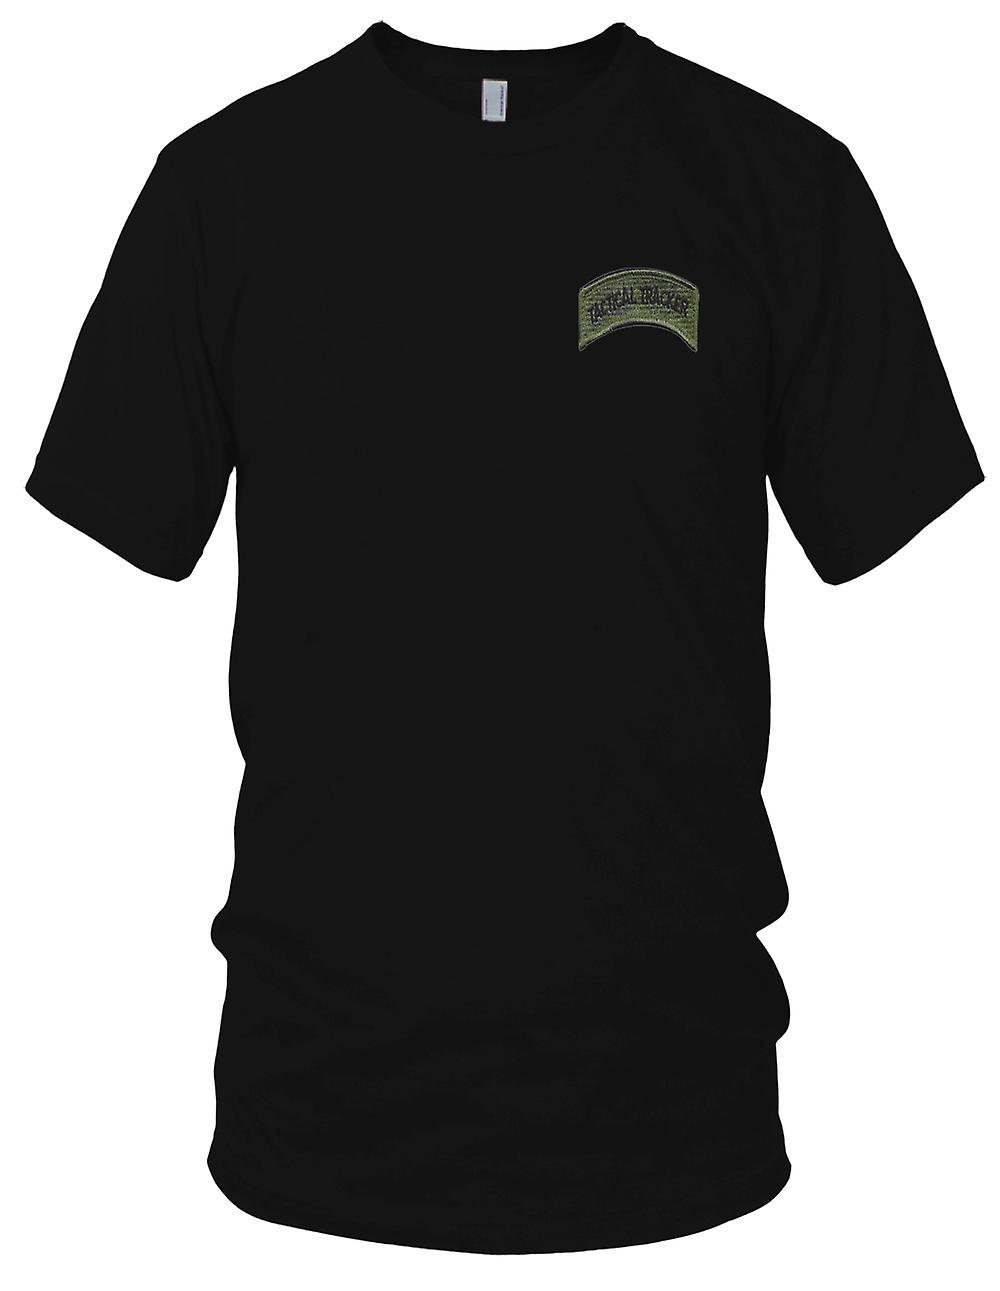 Streitkräfte, Sheriffs und Polizei, die taktische Tracker Rocker Patch gestickt - Haken und Schleife Herren-T-Shirt